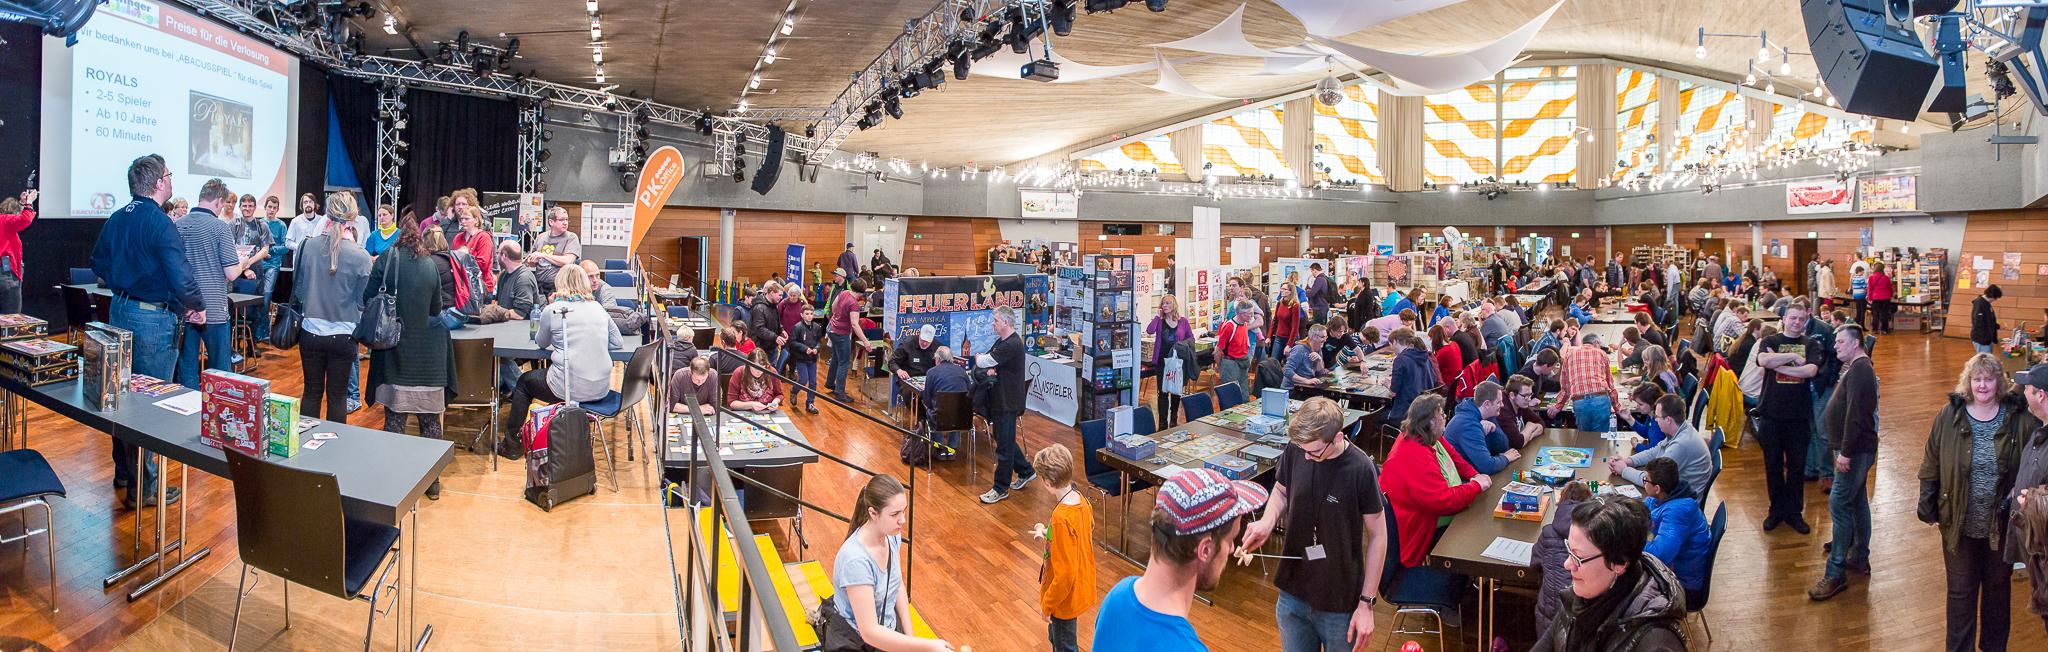 Die Veranstalter erwarten auch dieses Jahr 2000 Besucher in Ratingen (Foto: Maik Grabosch)